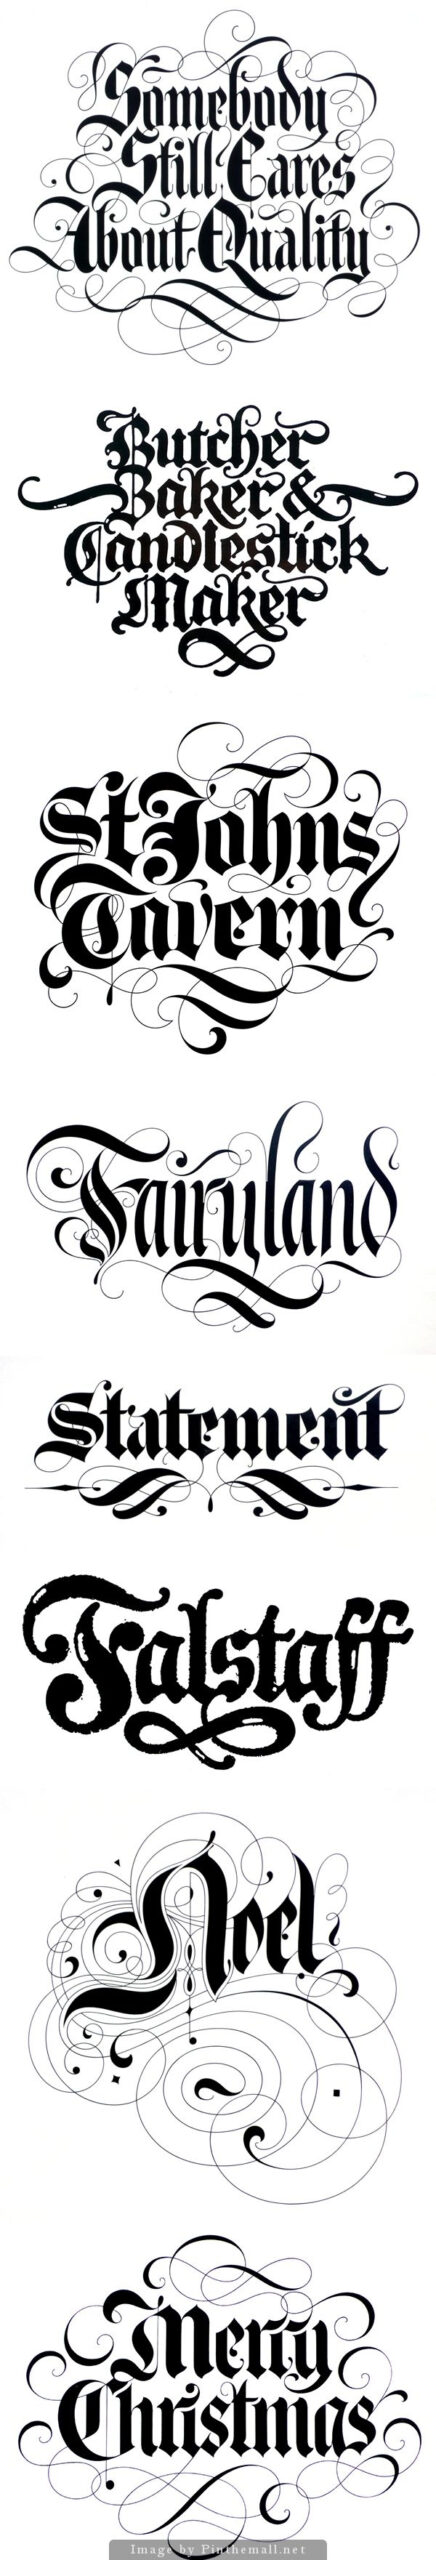 Blackletter Scriptdavid Quay | Desenho De Letras À Mão